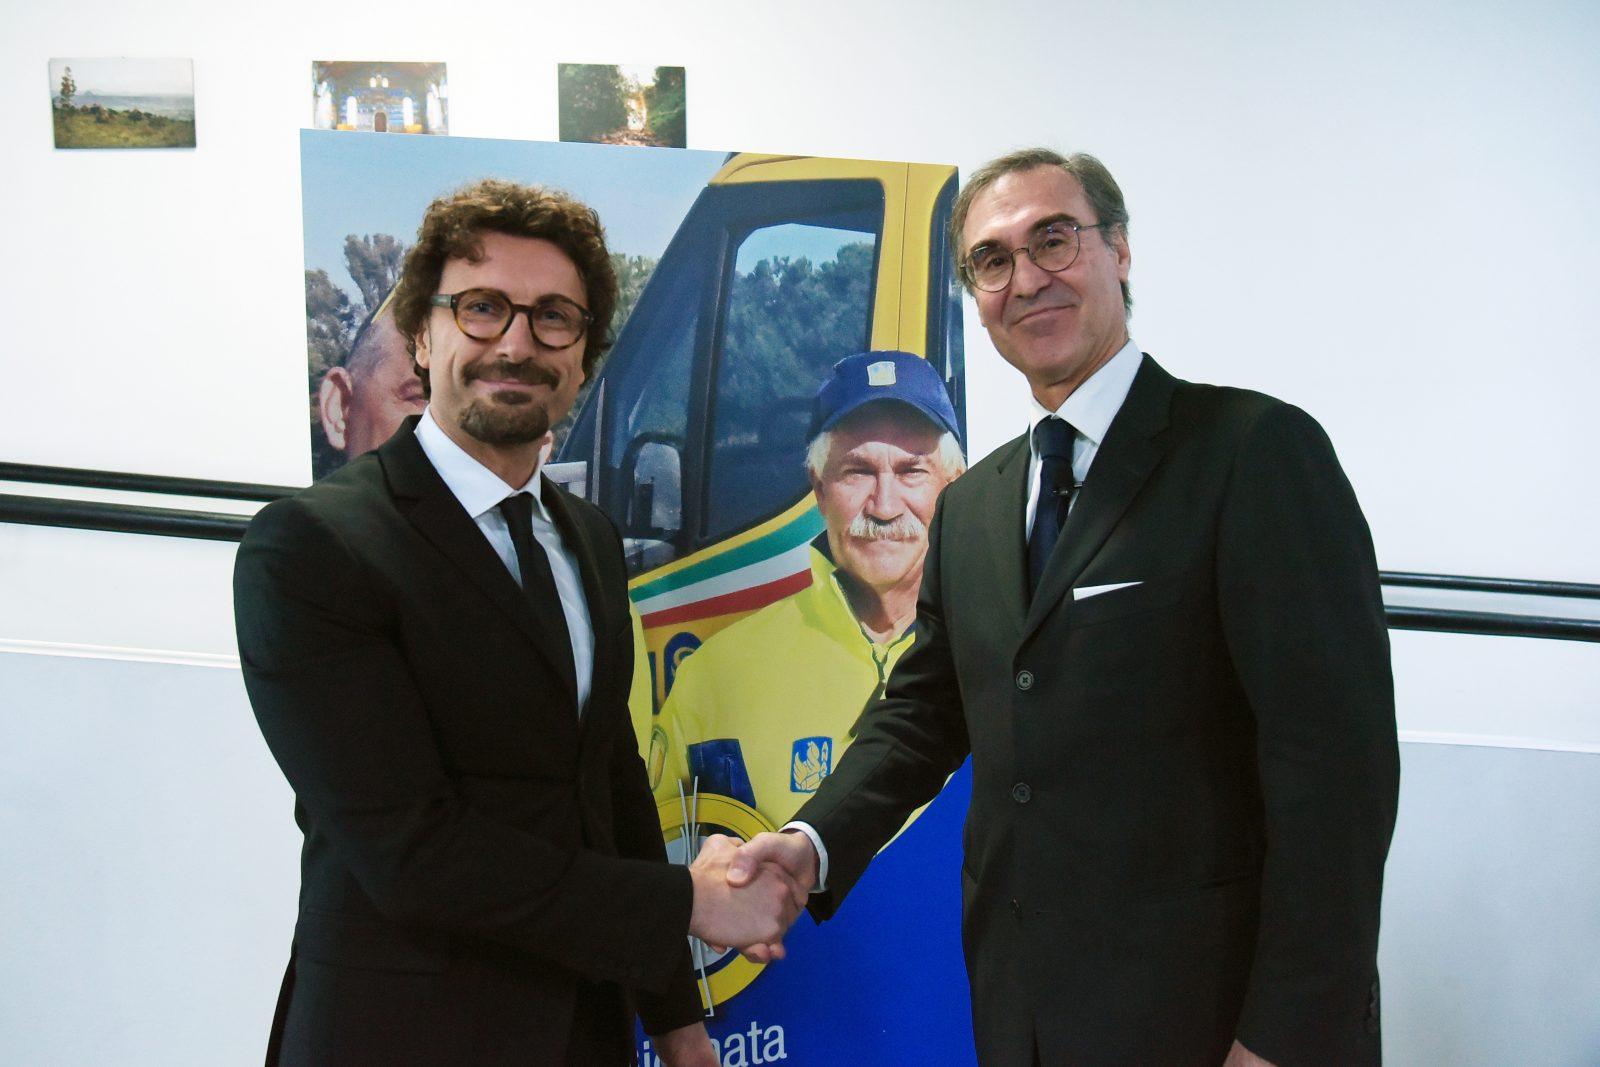 Il ministro delle Infrastrutture e dei Trasporti, Danilo Toninelli, con l'ad Anas Massimo Simonini (Archivio Anas, gennaio 2019)